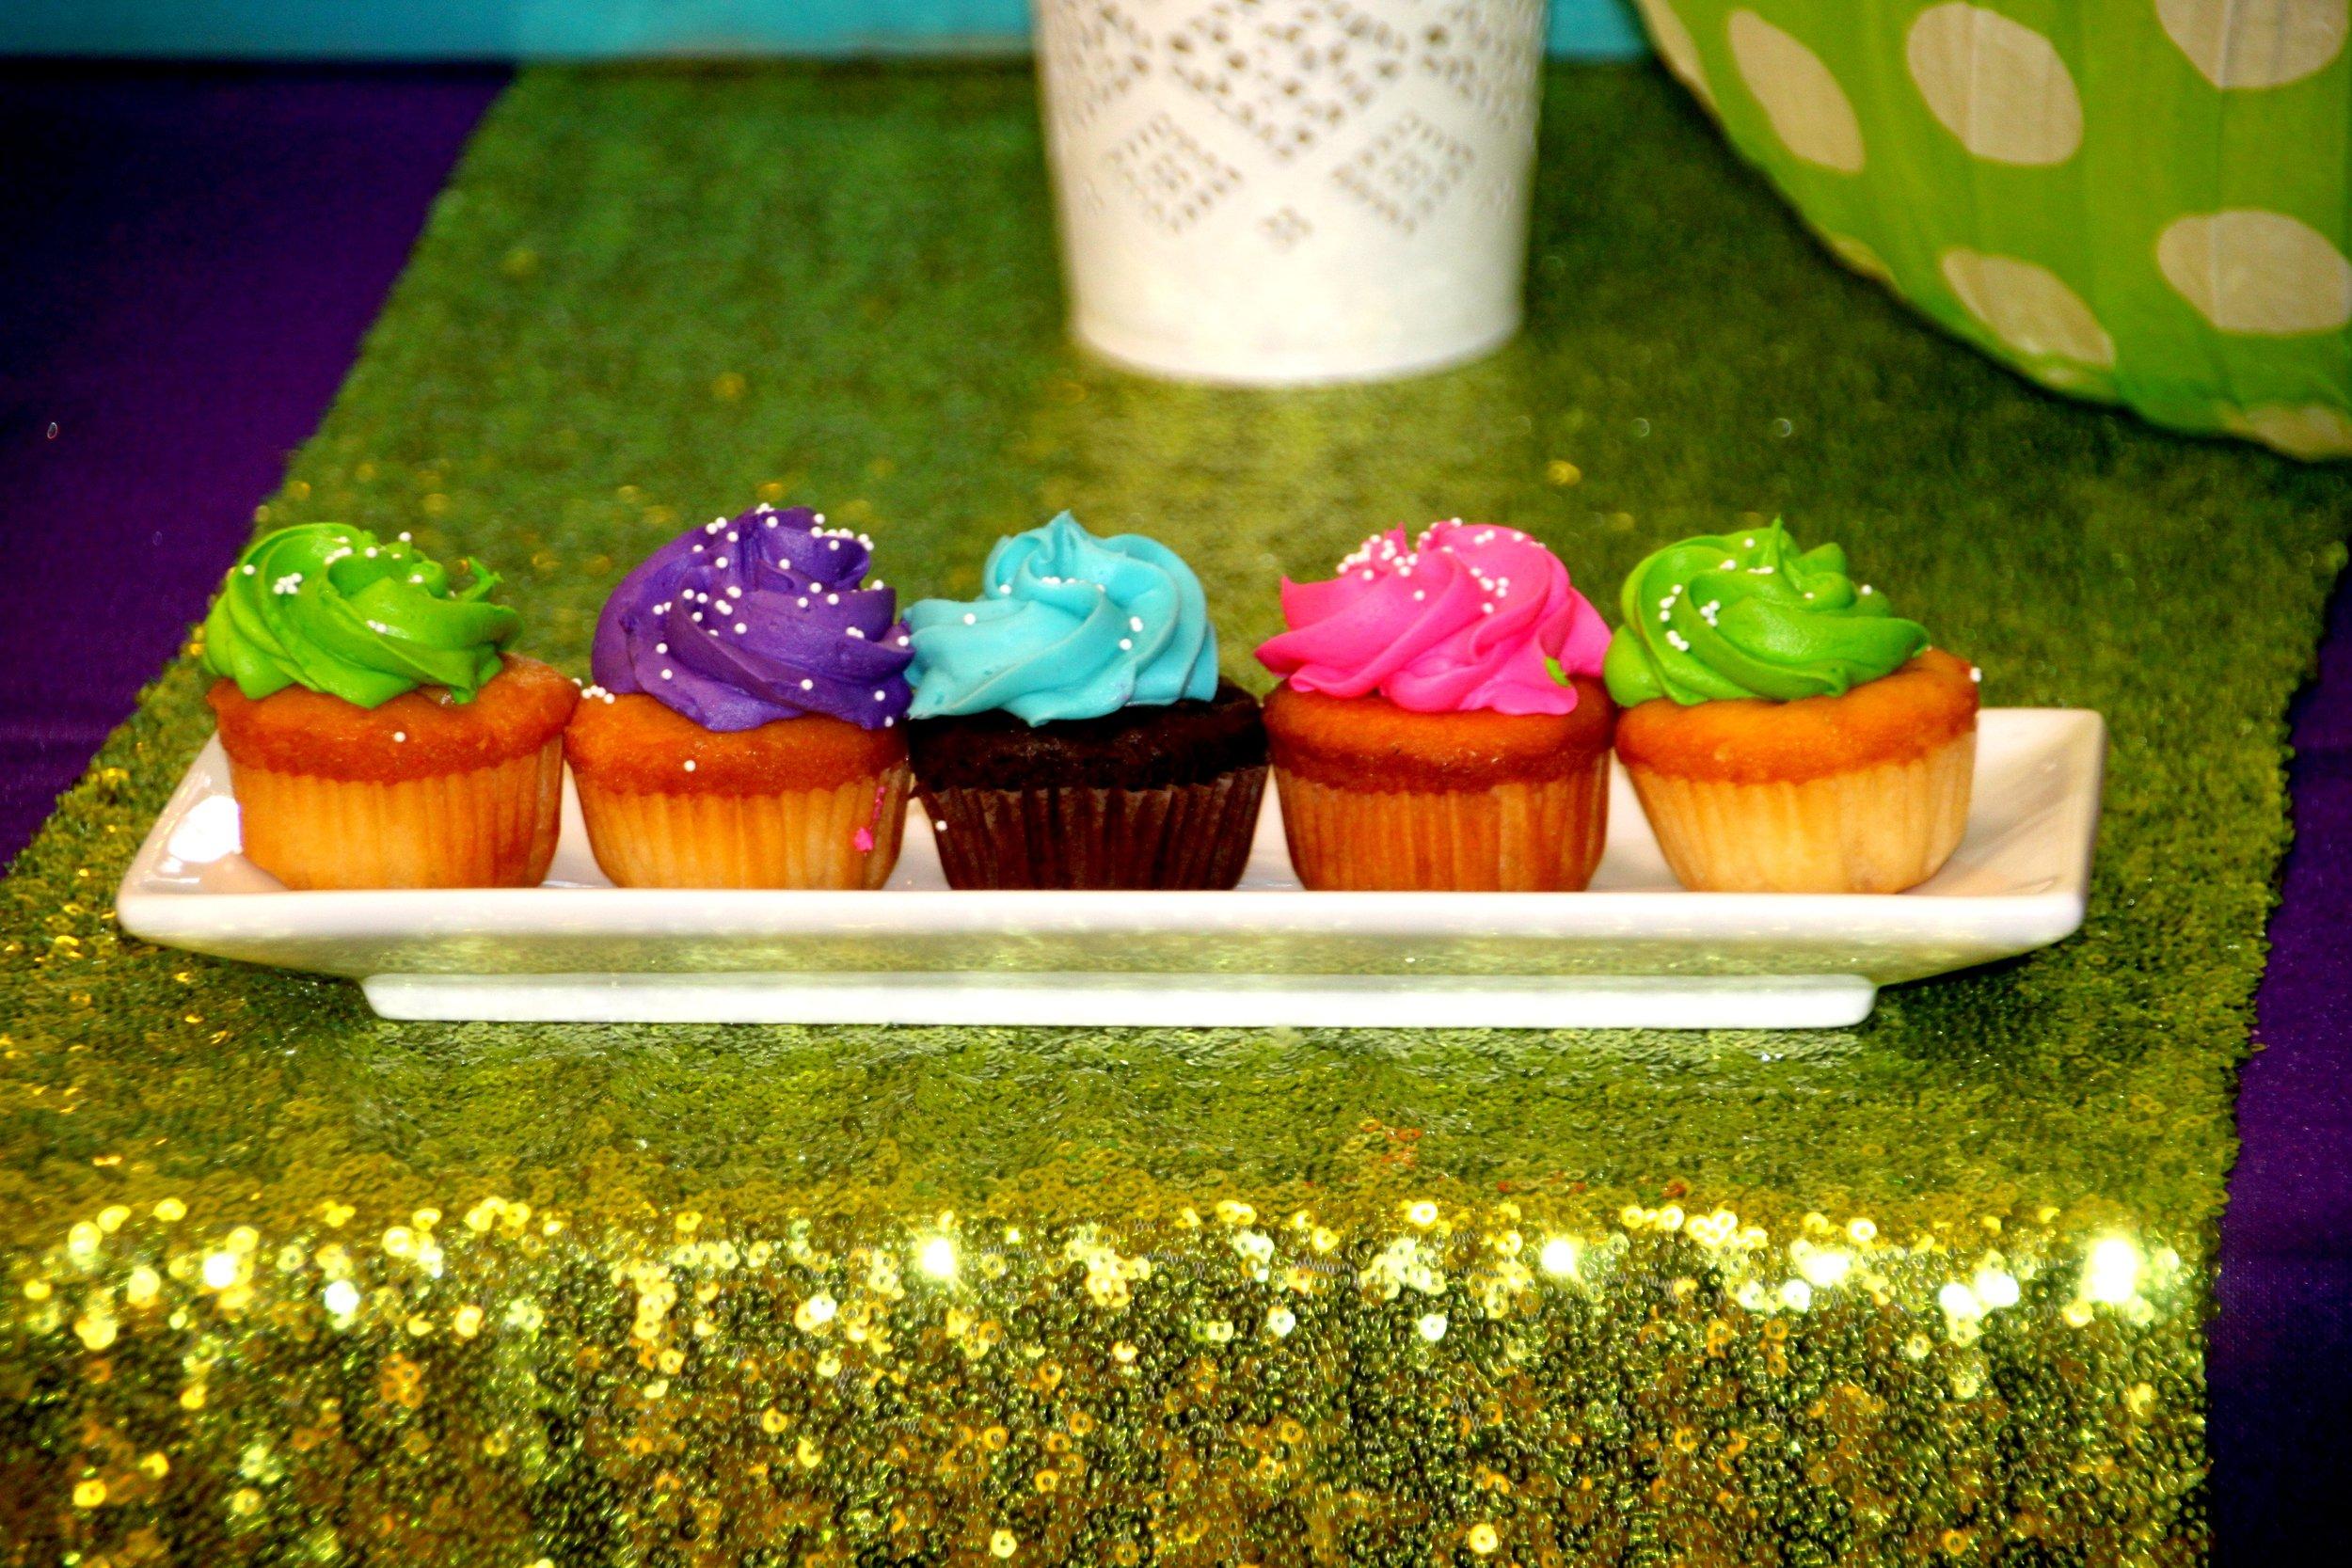 Jarrett stuffed cupcakes in custom colors